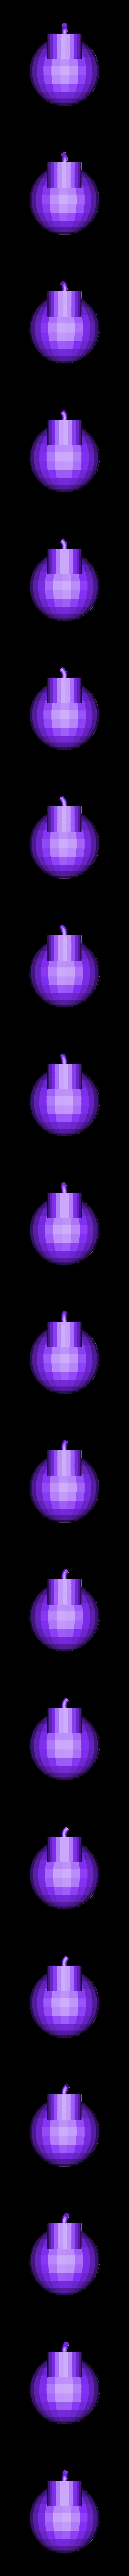 Bombs.obj Download free OBJ file Zelda Bombs • 3D printing design, Hoofbaugh